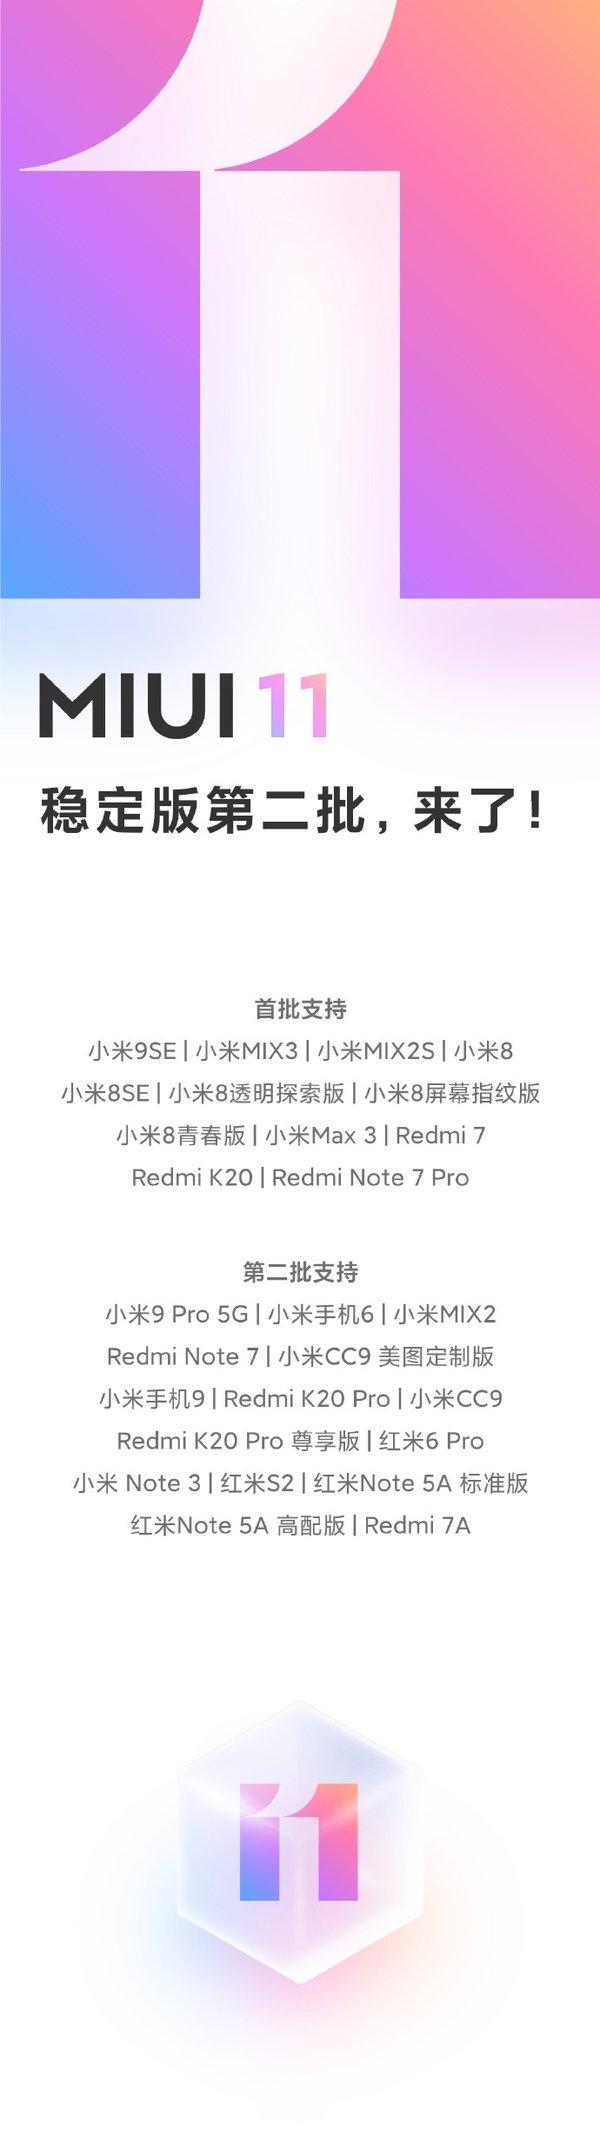 小米手机老用户感动哭:小米MIUI 11第二批稳定版已全量推送